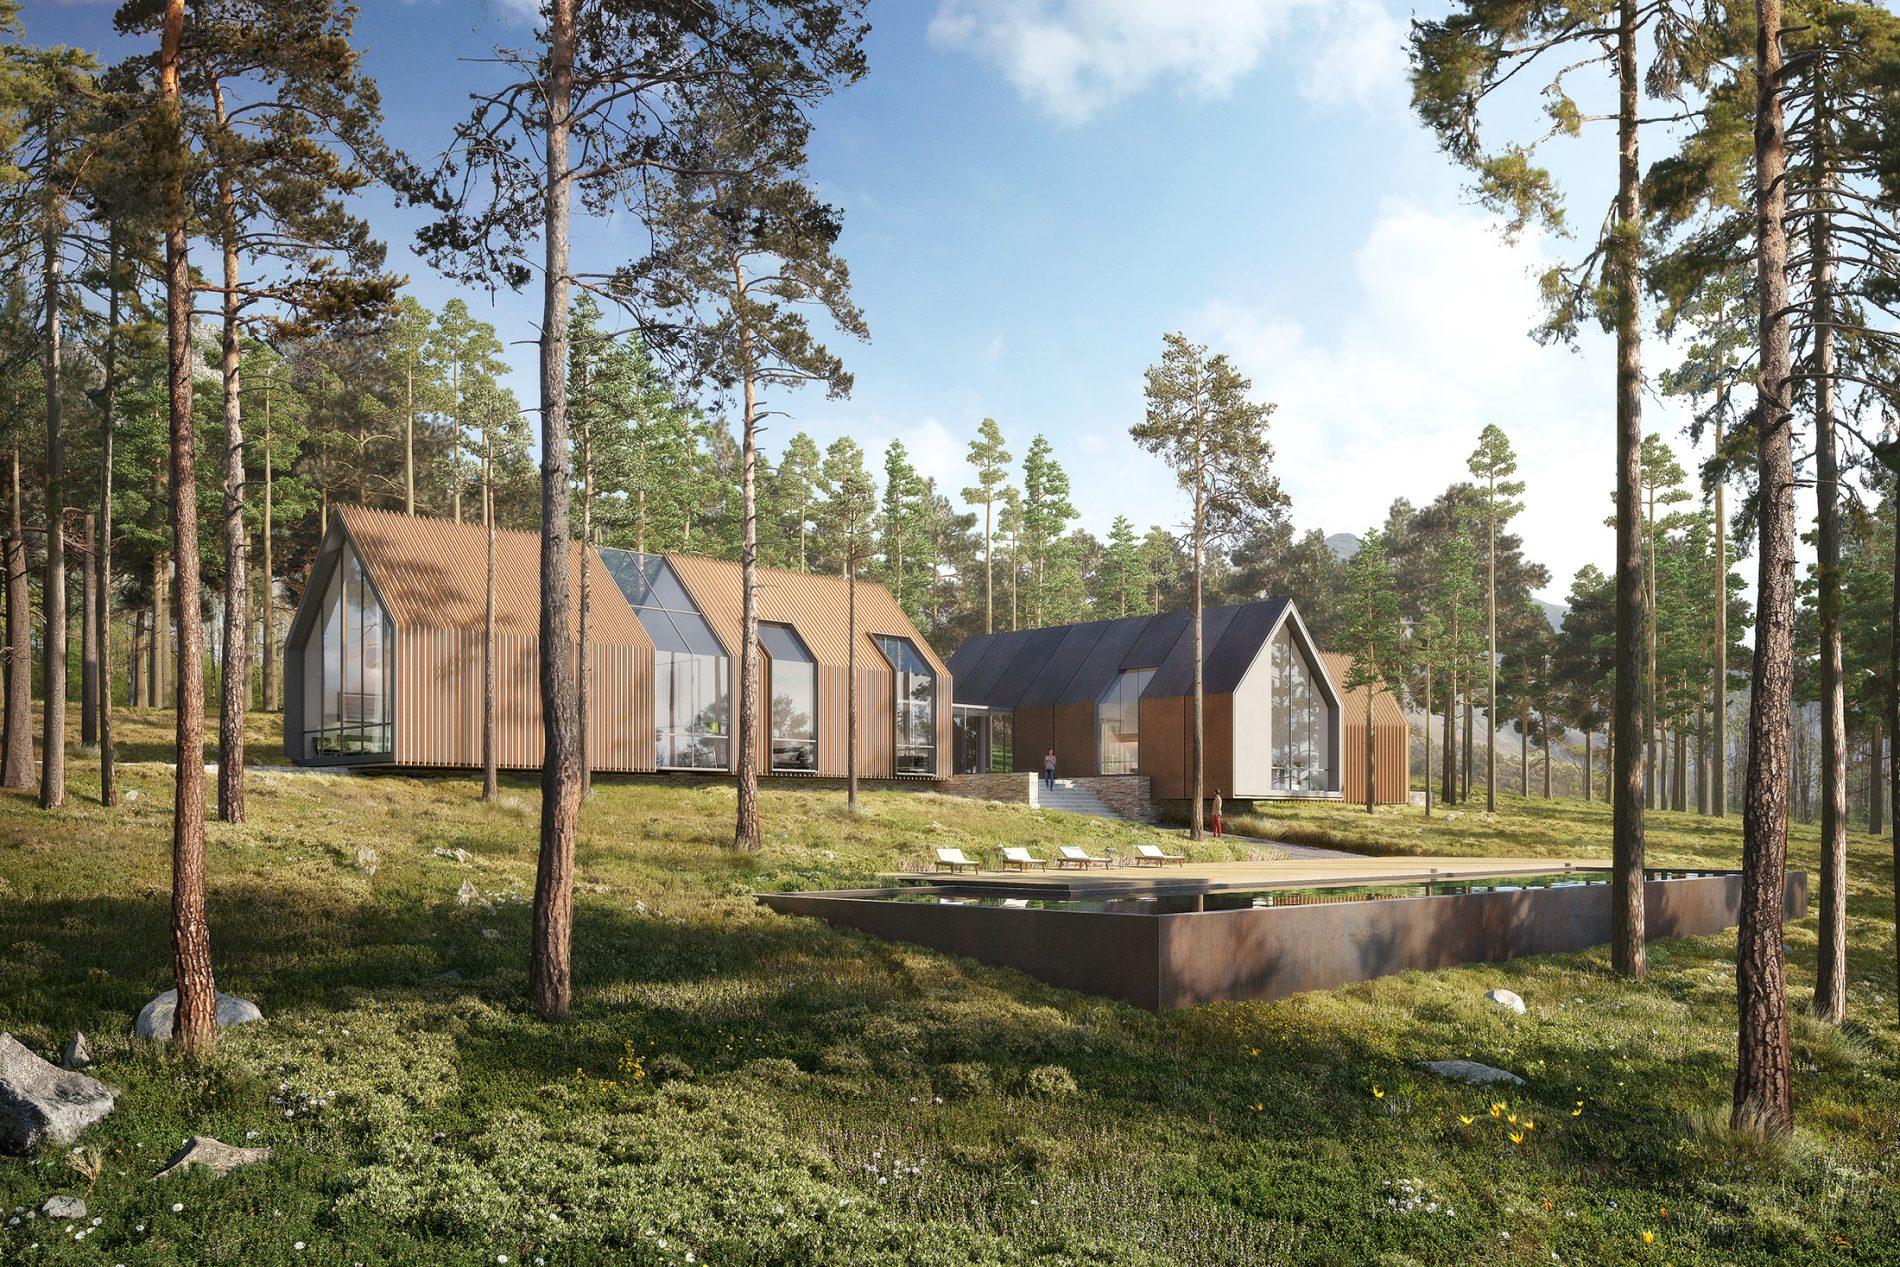 Image de promotion immobilière d'une villa et sa piscine au milieu d'une fôret de pins